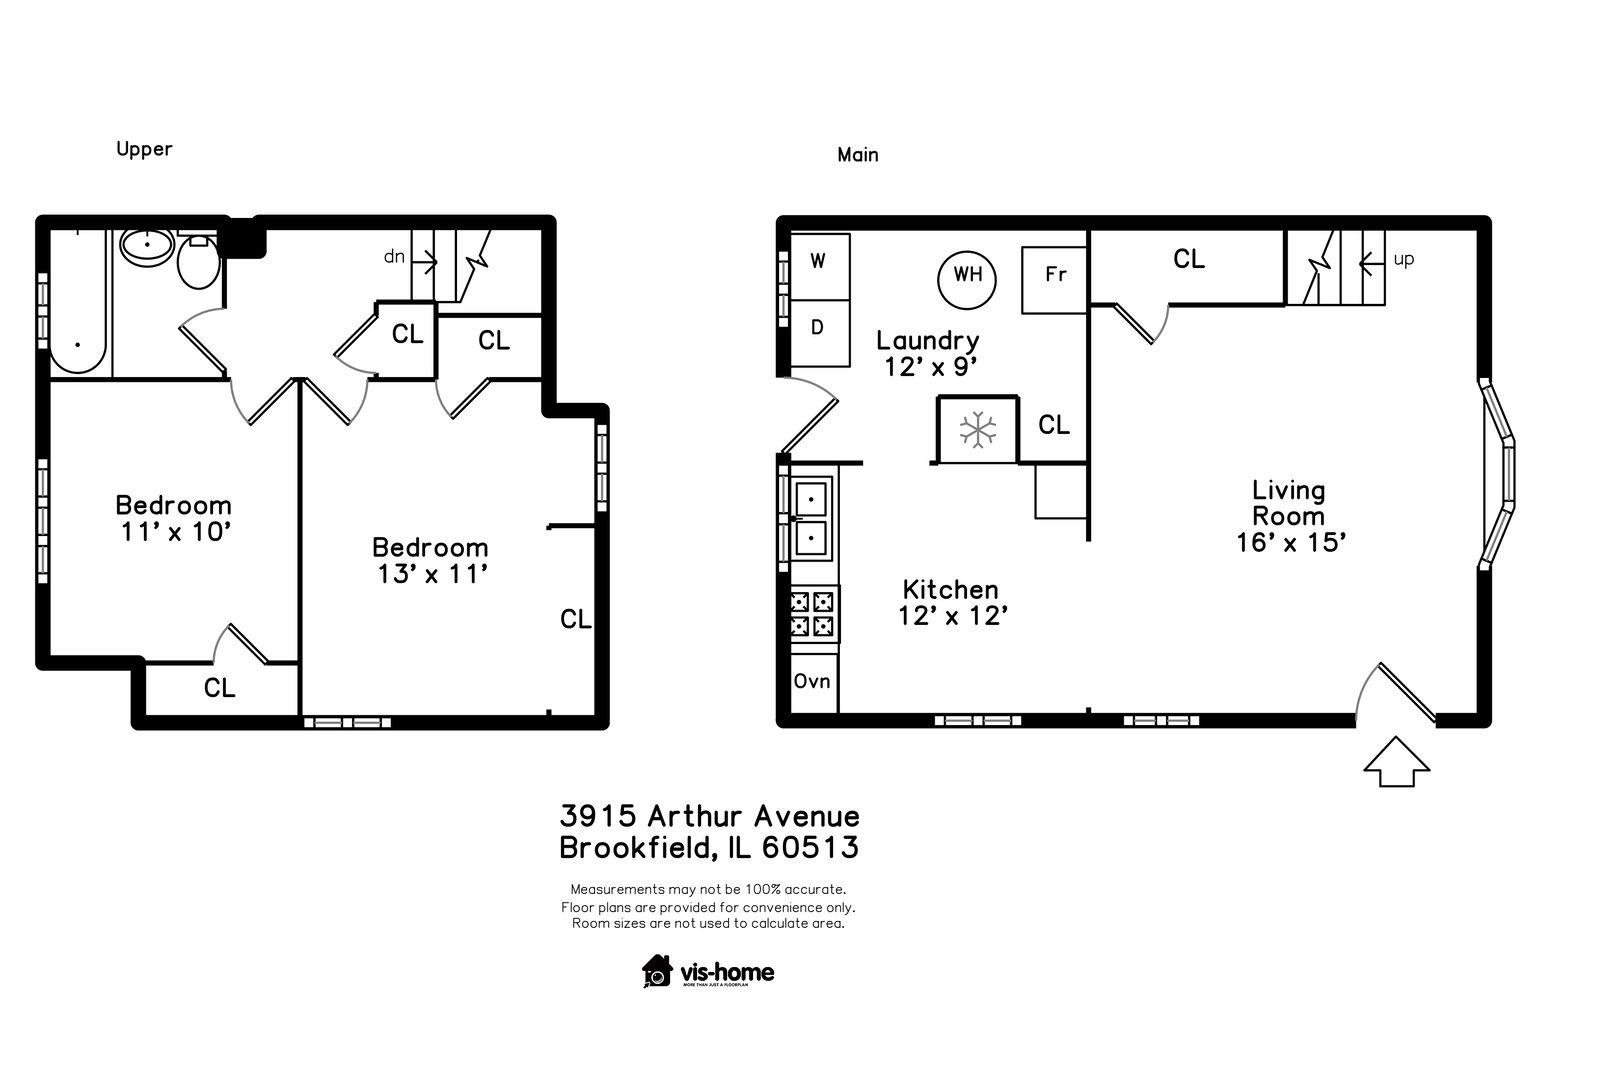 3915 Arthur Avenue